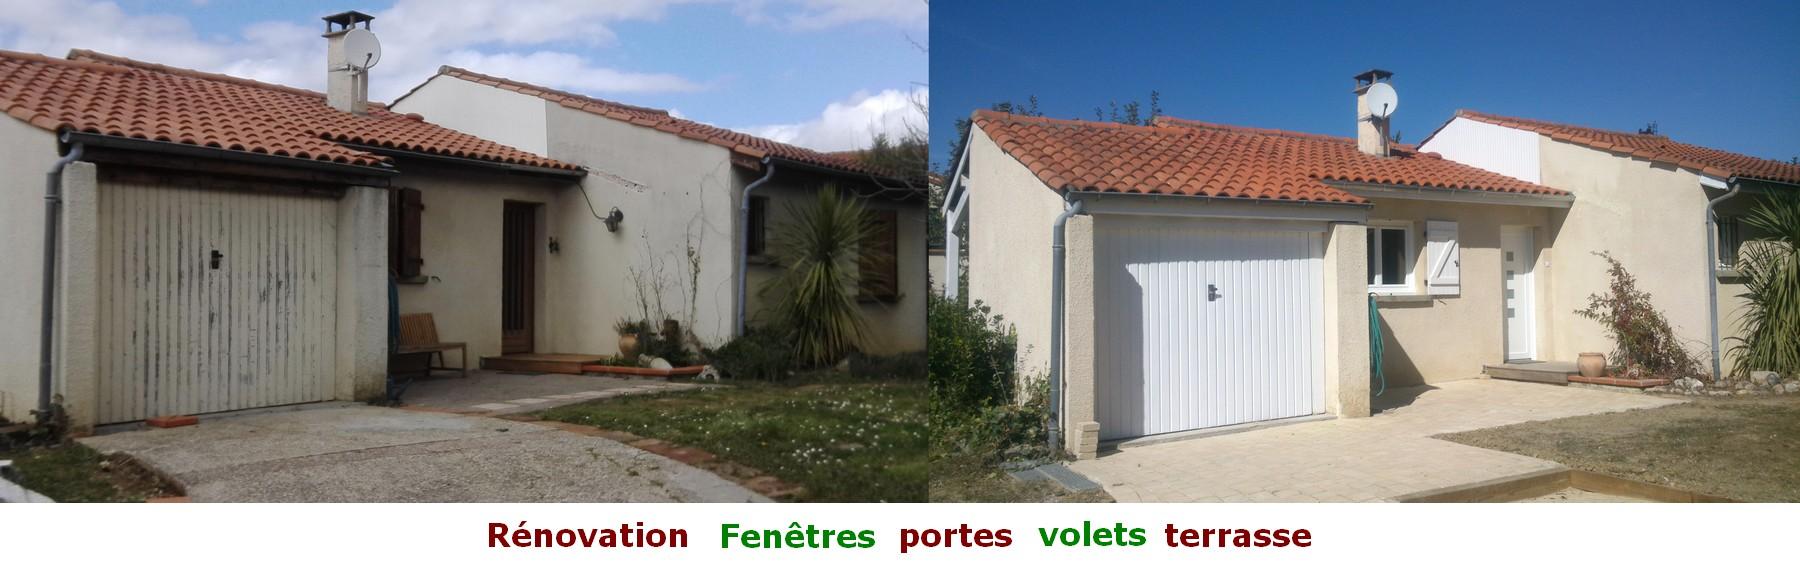 rénovation maison, fenêtres, portes, volets, terrasse